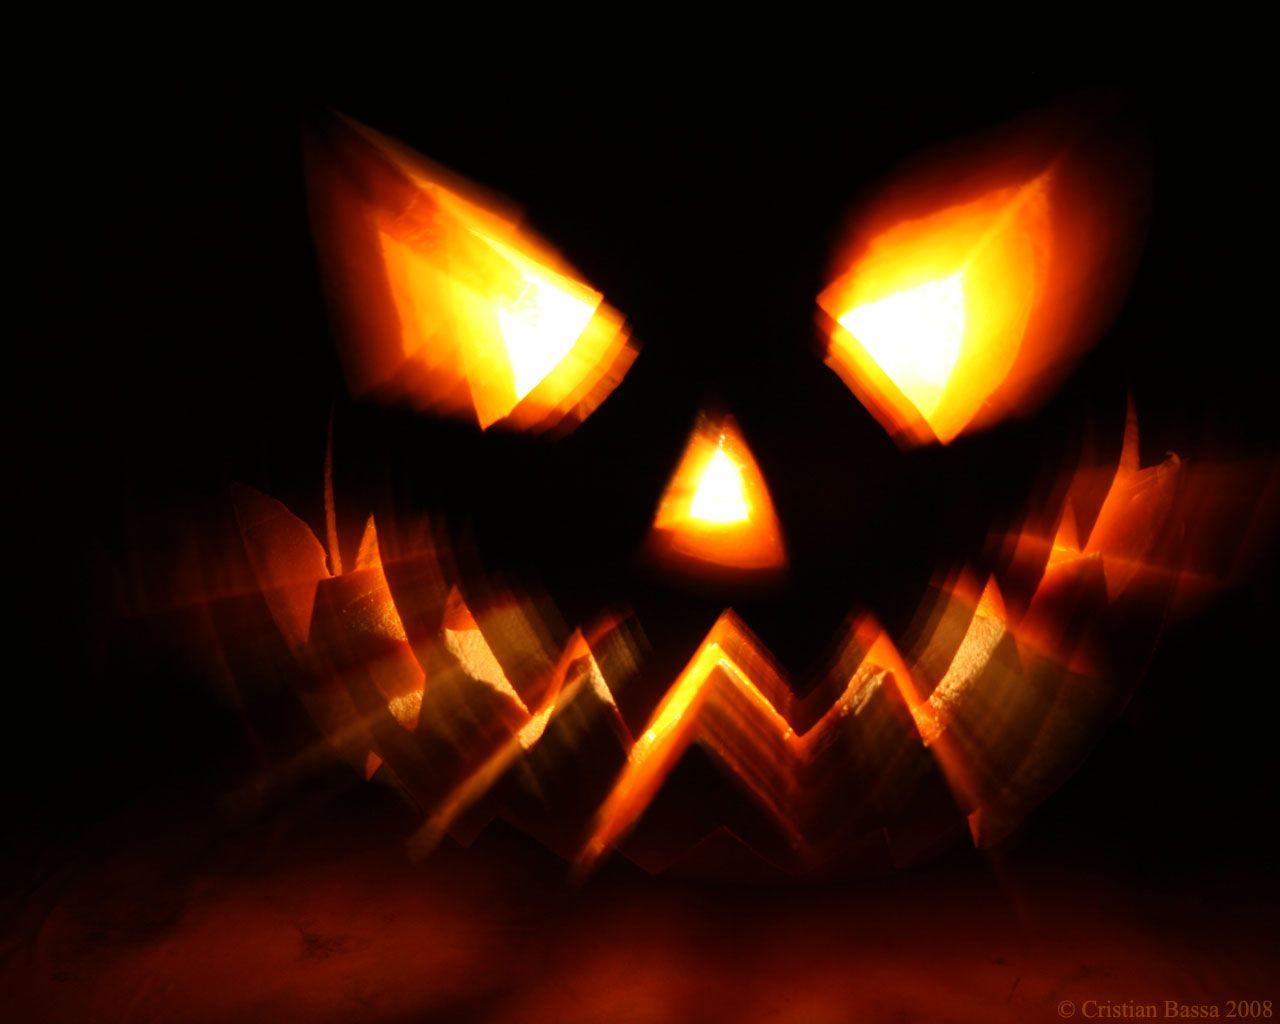 Halloween Wallpapers   Top Halloween Backgrounds 1280x1024